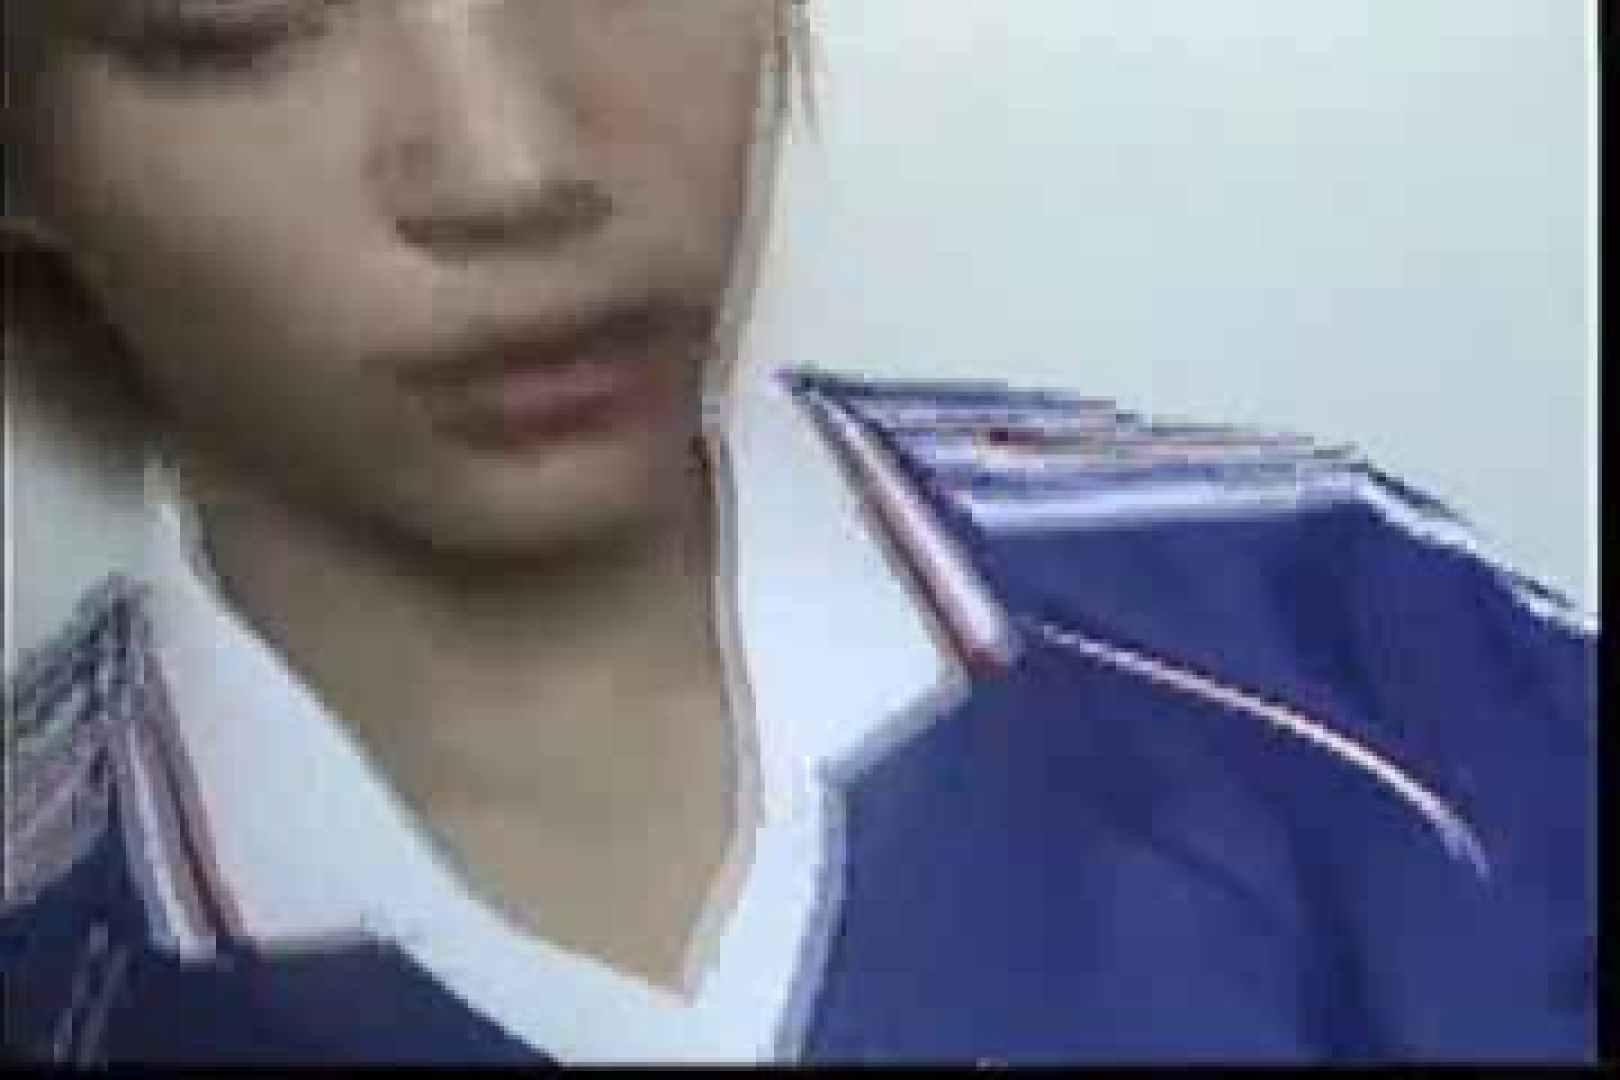 【流出】知られざる僕の秘密…vol.03 流出作品 ゲイエロ動画 90pic 64